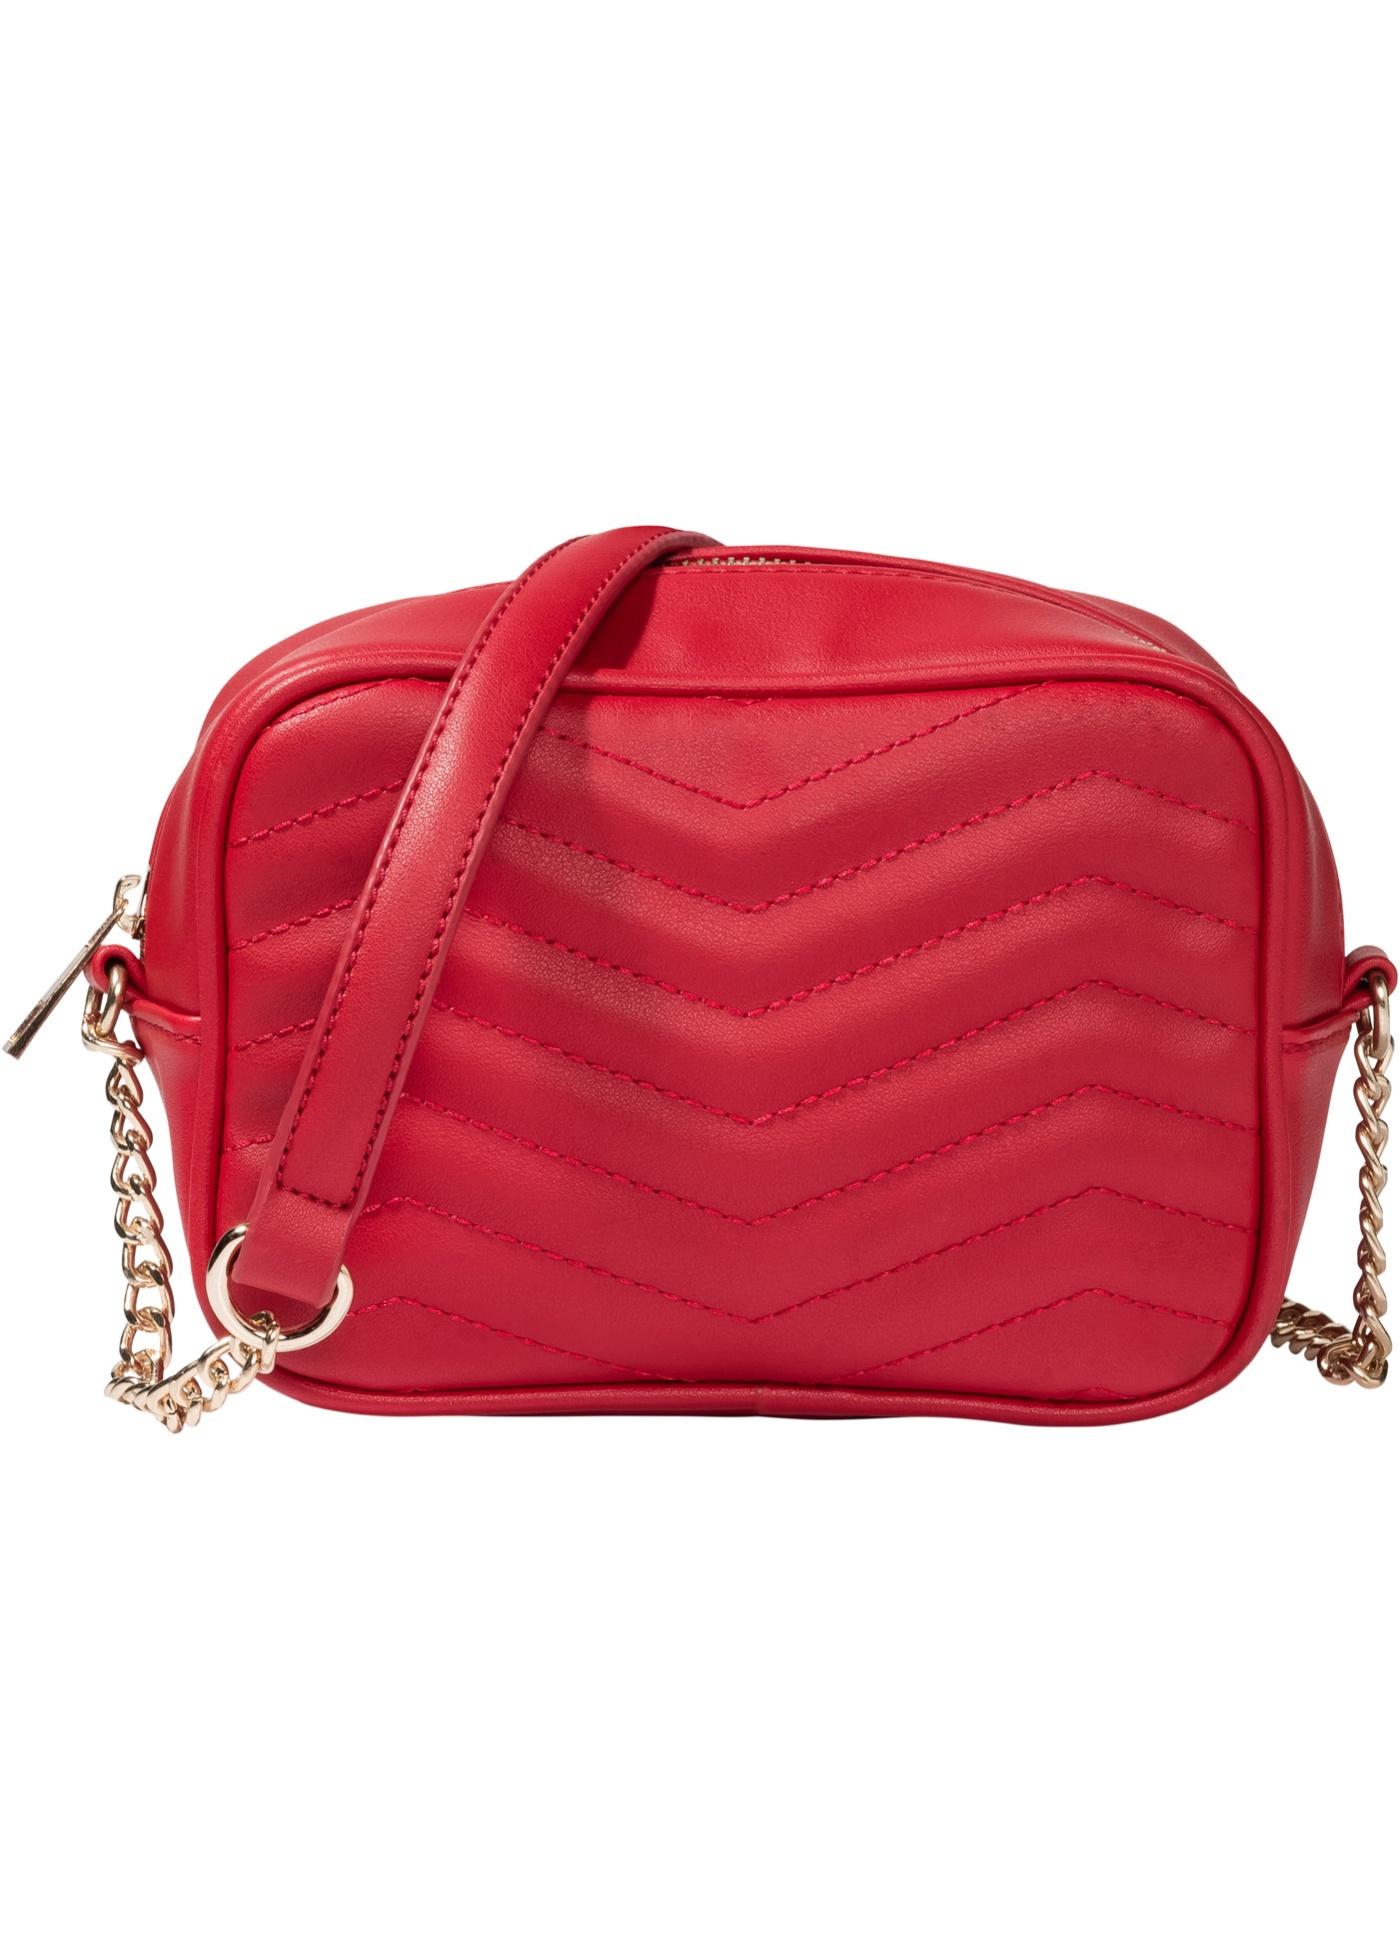 Prošívaná kabelka přes rameno - Červená db455296baf